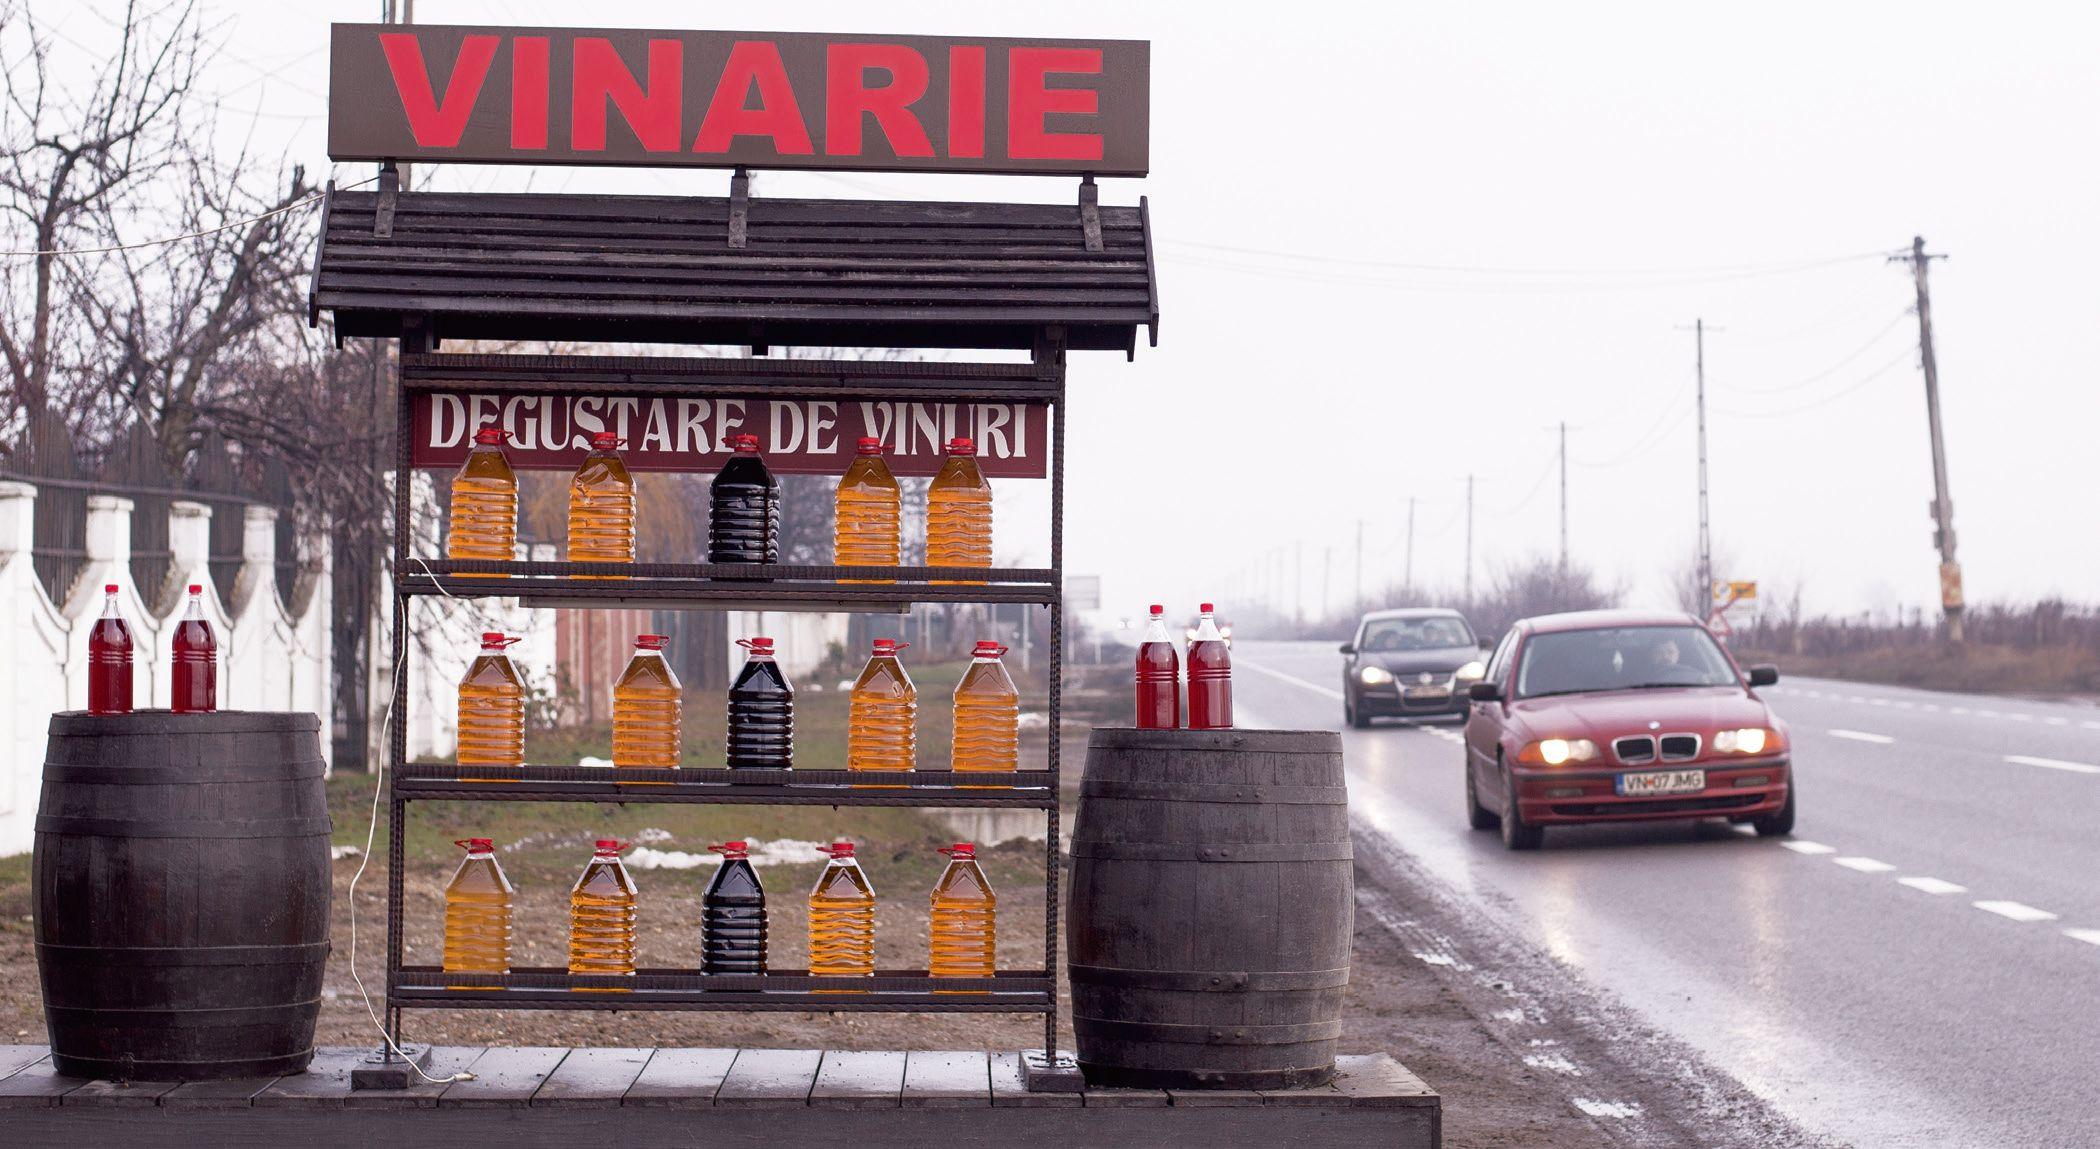 Înainte de Focşani, vinul este vândut în bidoane, pe marginea şoselei